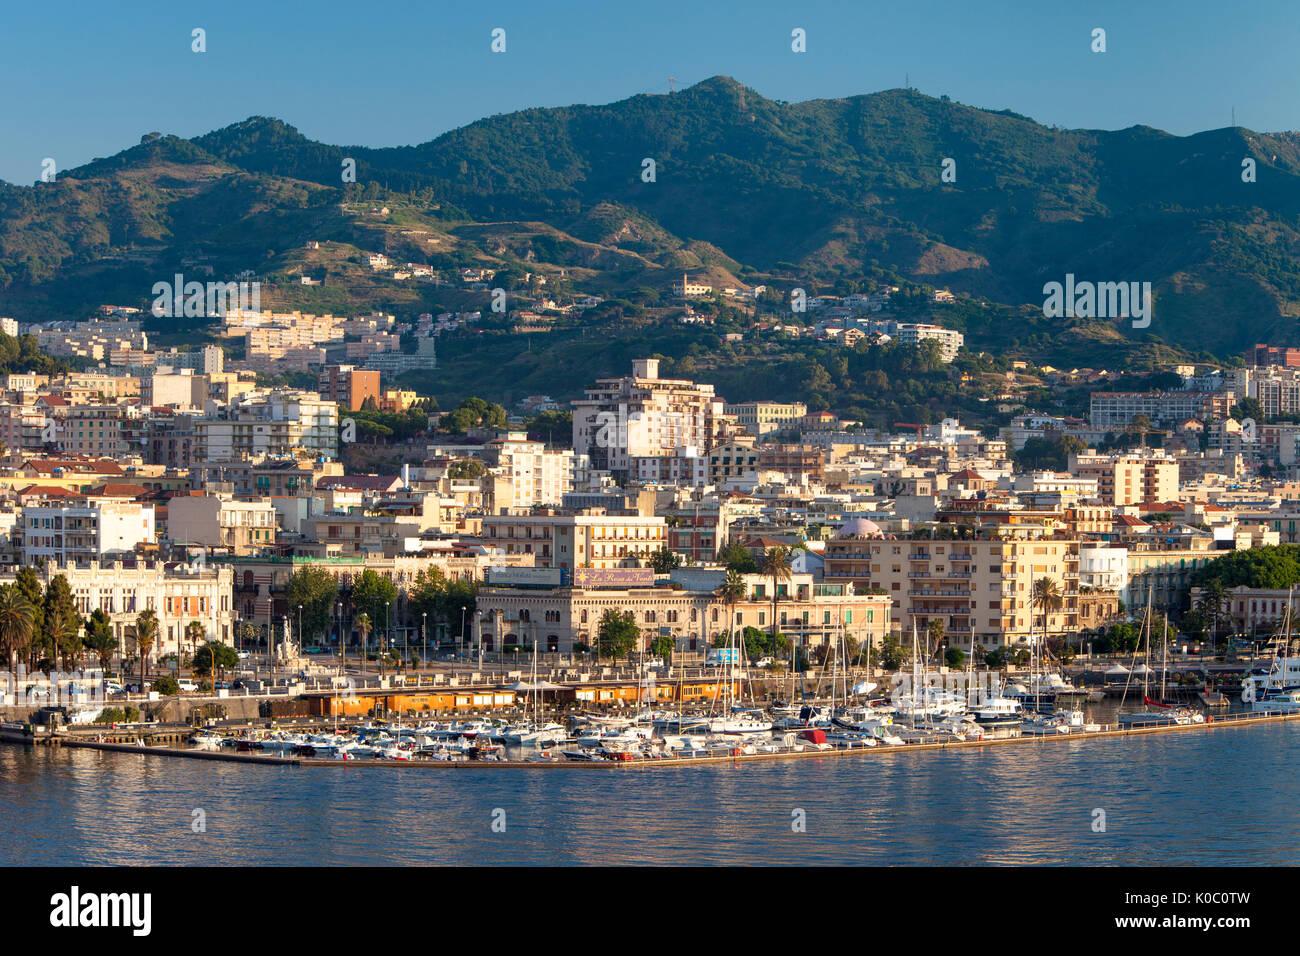 Temprano en la mañana vistas del puerto deportivo y de la ciudad de Messina, Sicilia, Italia Foto de stock